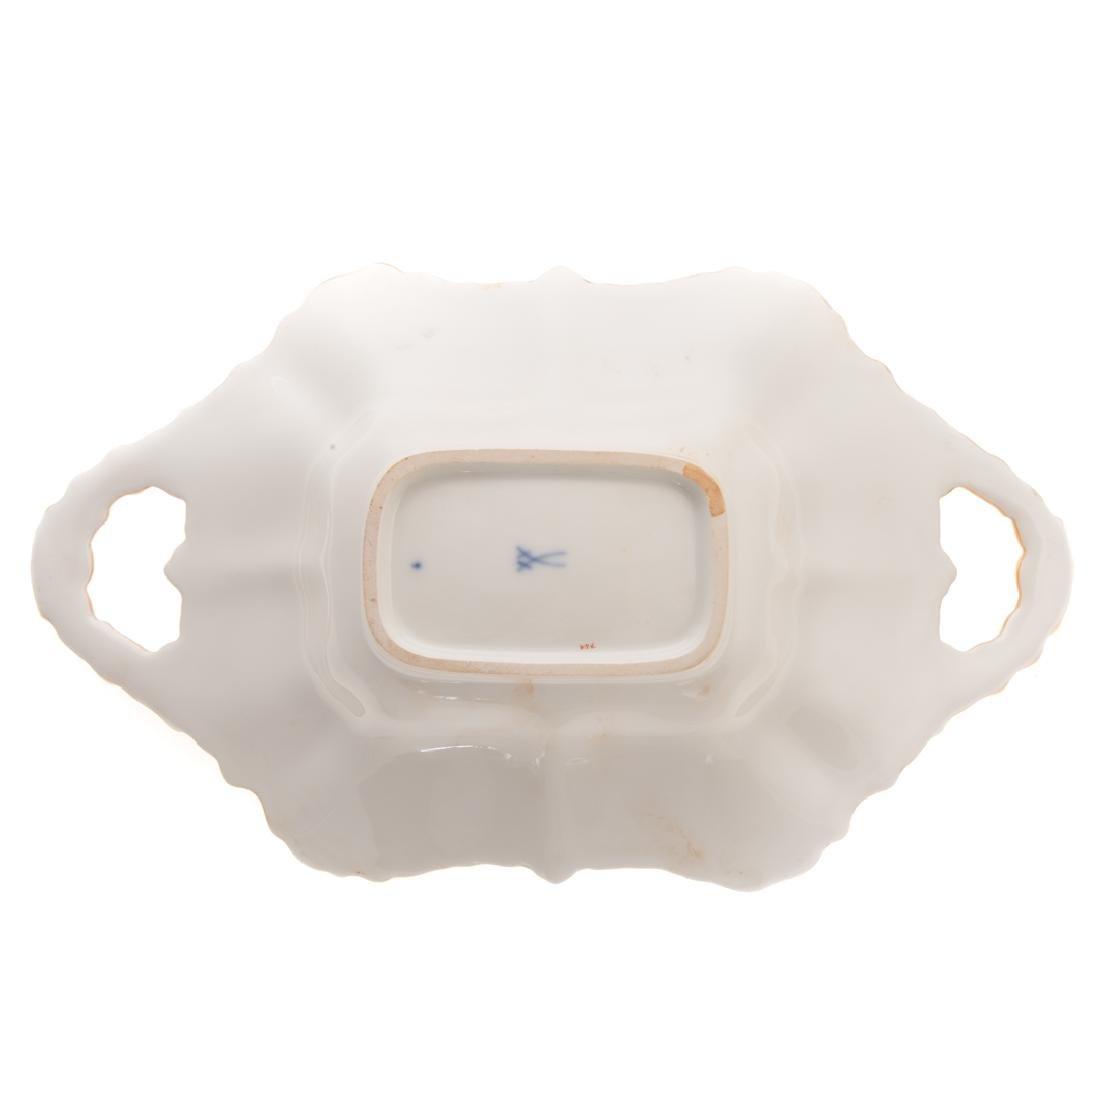 Meissen porcelain dish and beaker vase - 6